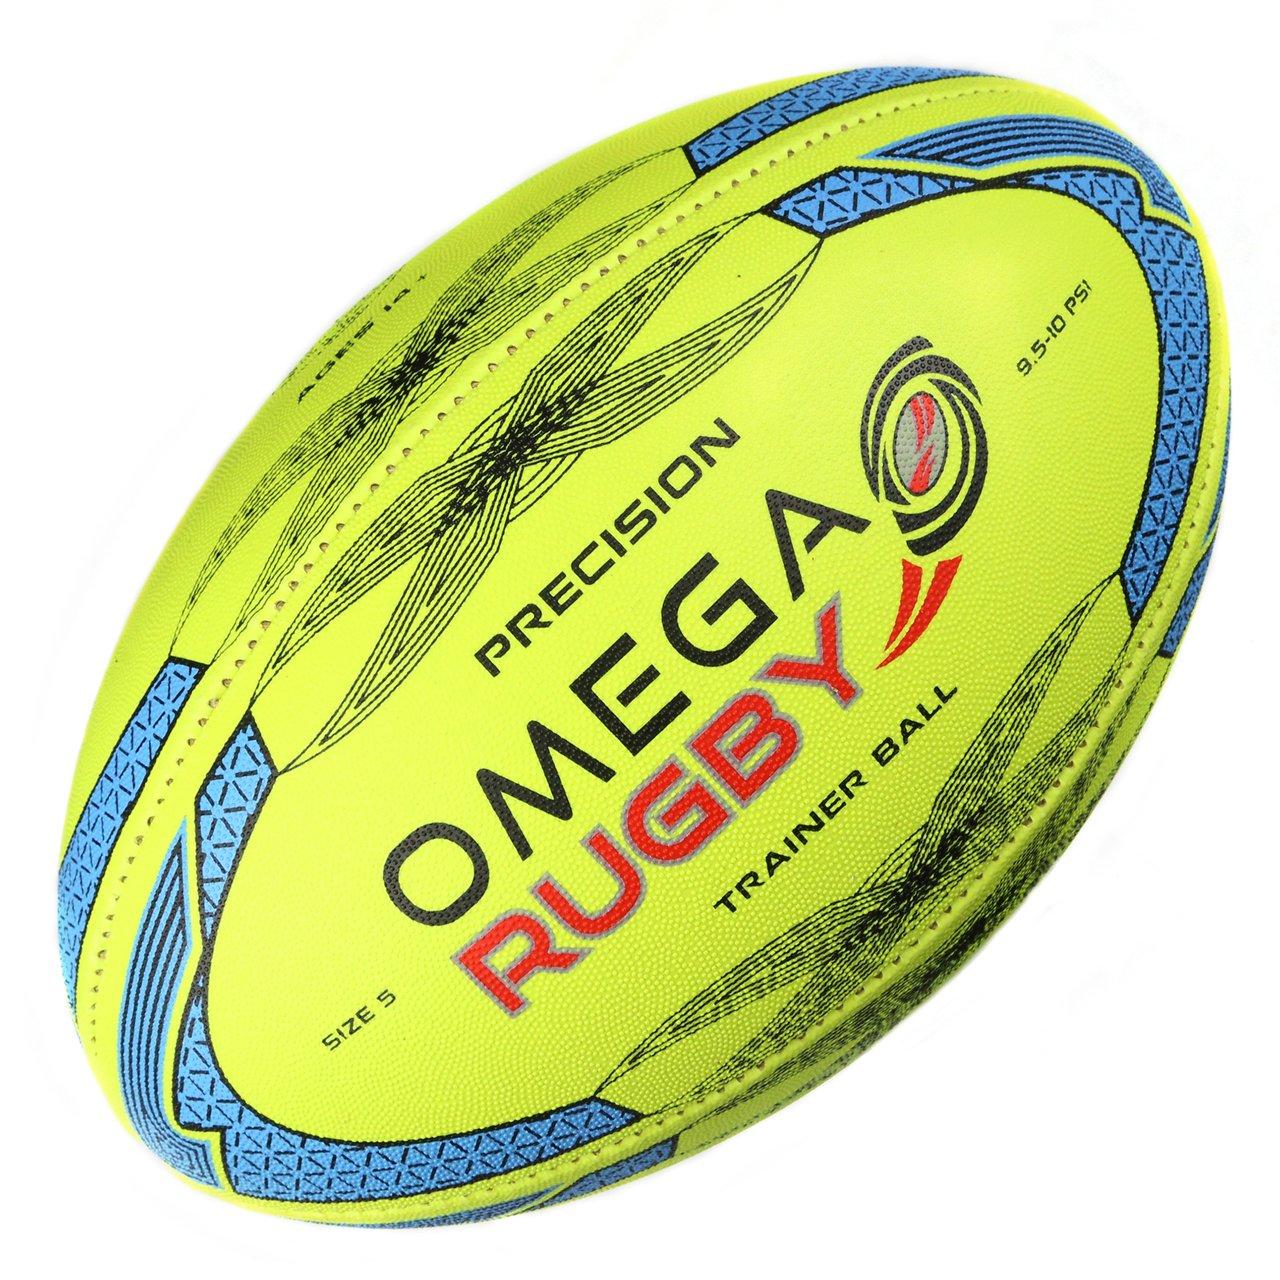 オメガRugby Precisionトレーニングラグビーボール B074YC2MCP Fluoro / Blue 3 (Ages 6 - 9)